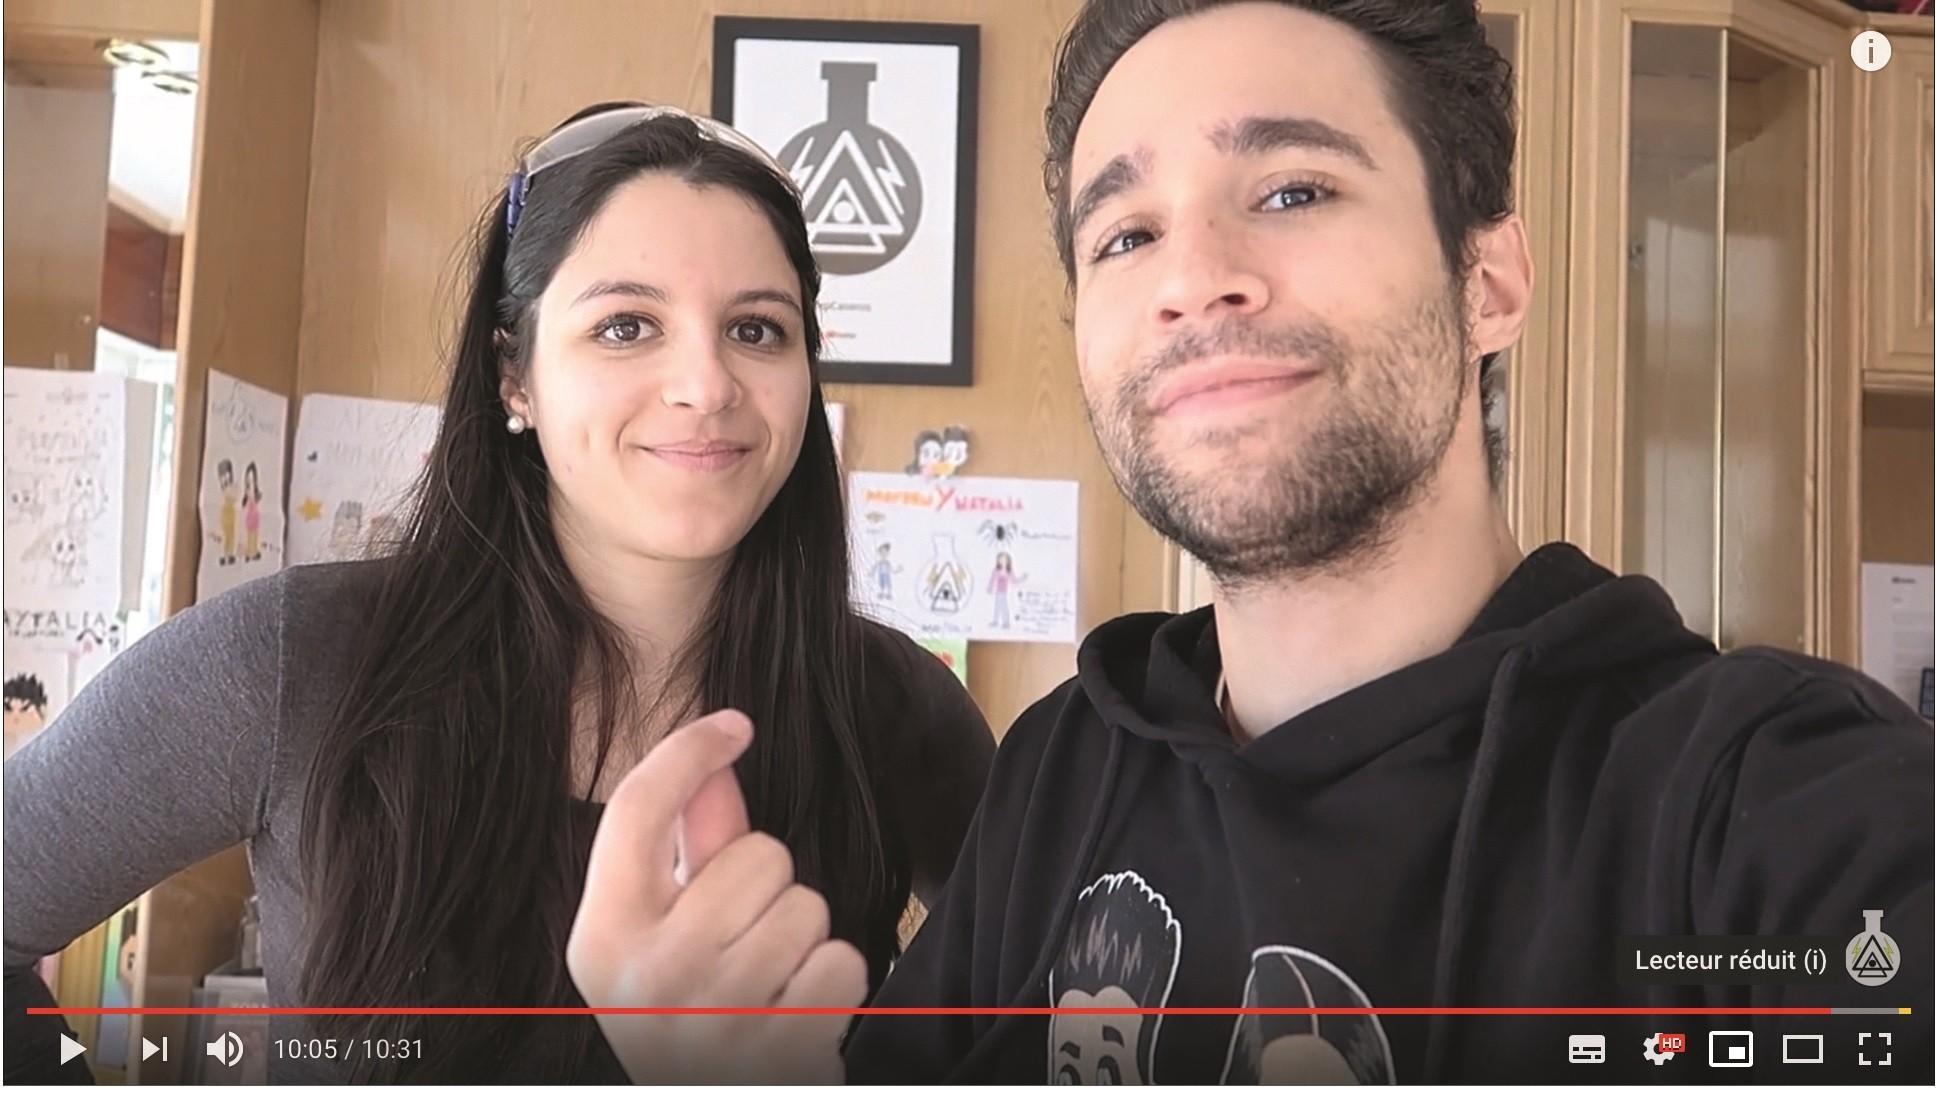 Los Youtubers Mayden y Natalia, cuenta Youtube Experimentos Caseros.